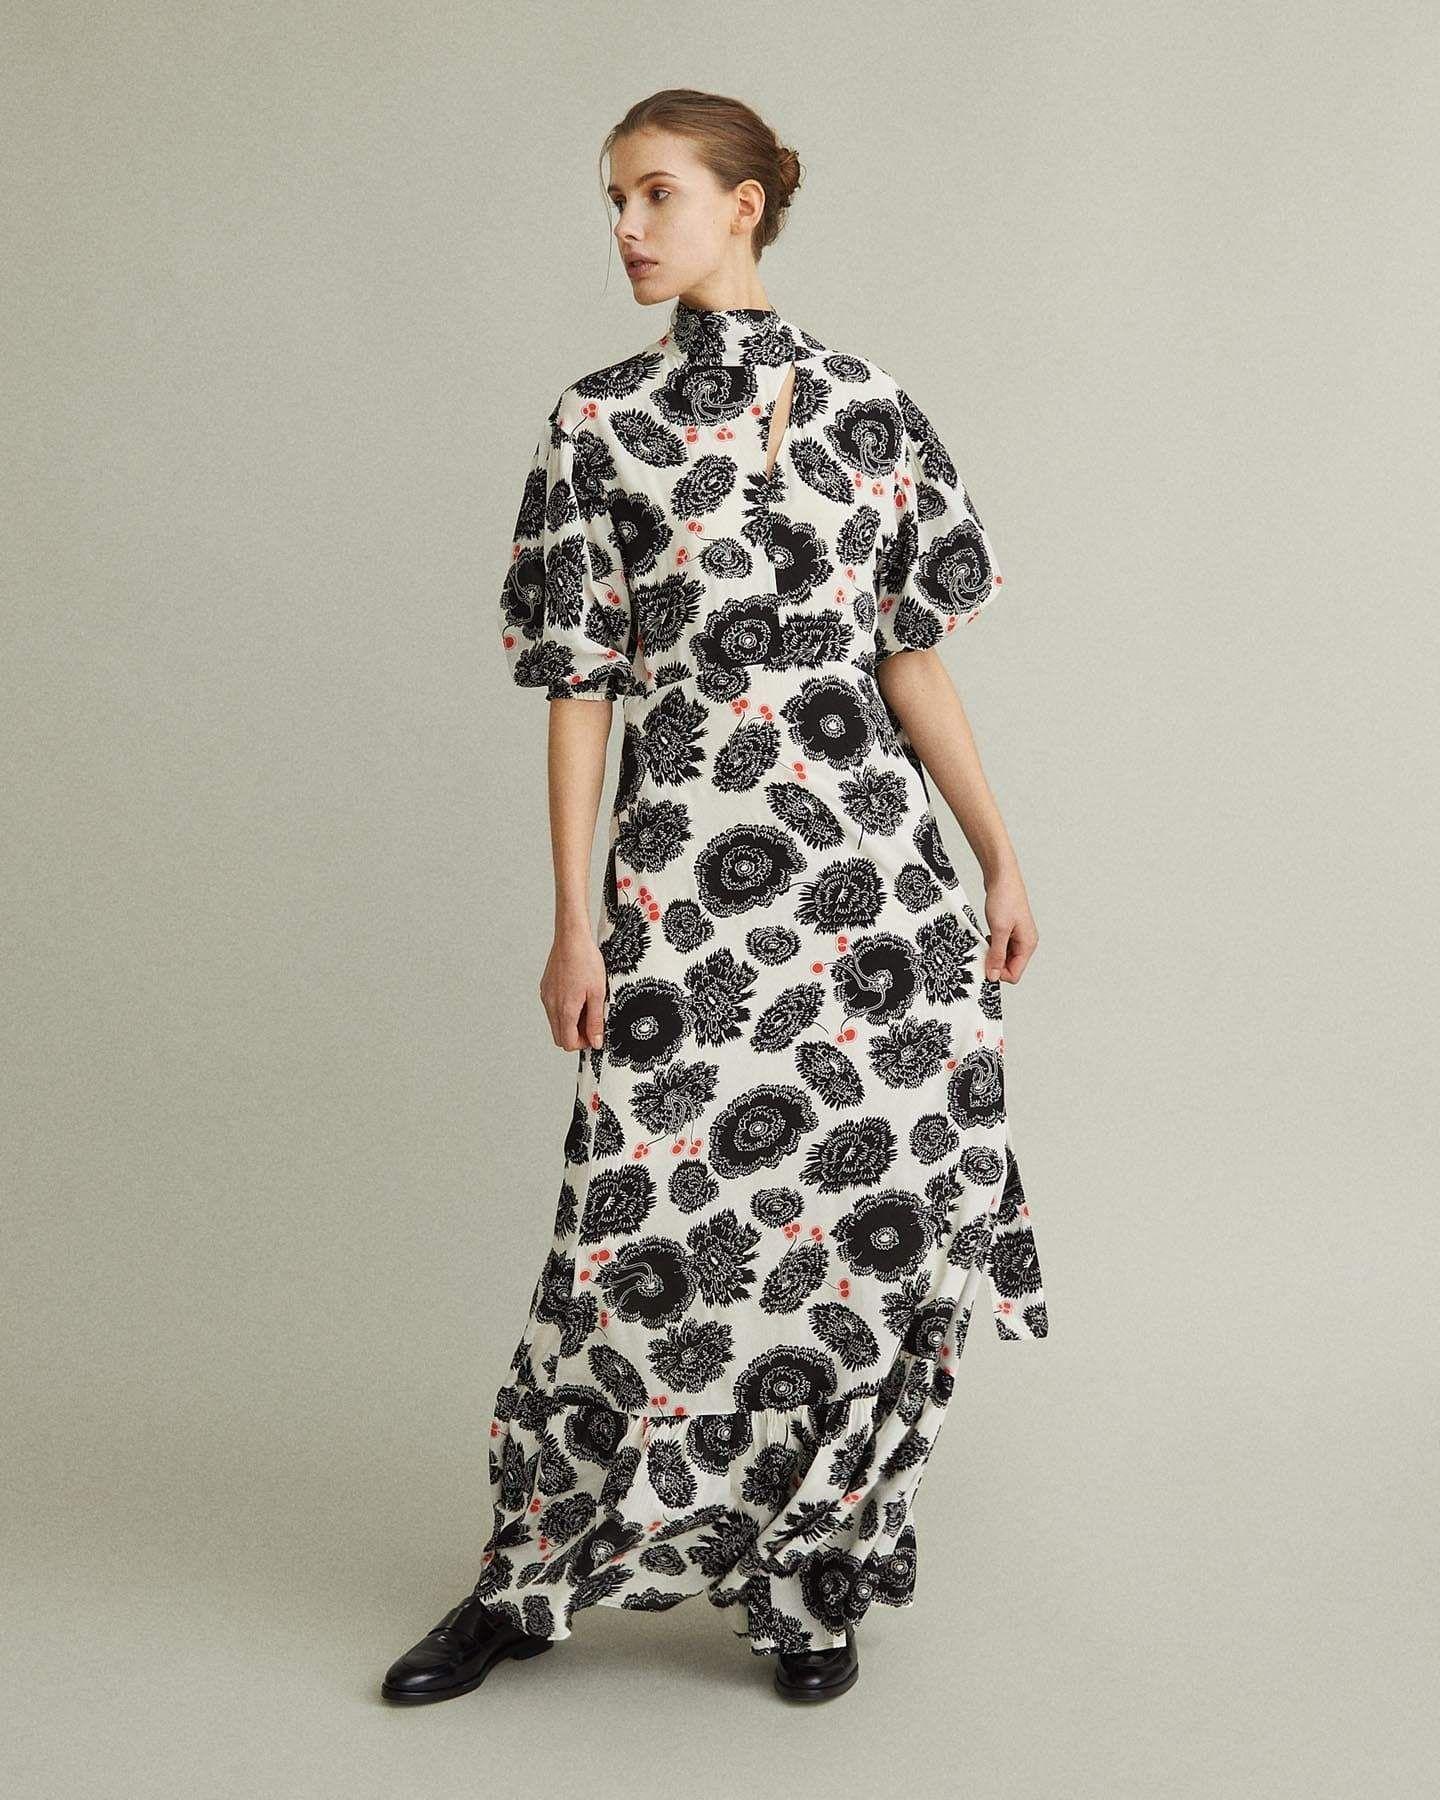 Rodebjer Meadow Poppy Print Maxi Dress Maxi Dress Maxi Dress With Sleeves Printed Maxi Dress [ 1800 x 1440 Pixel ]